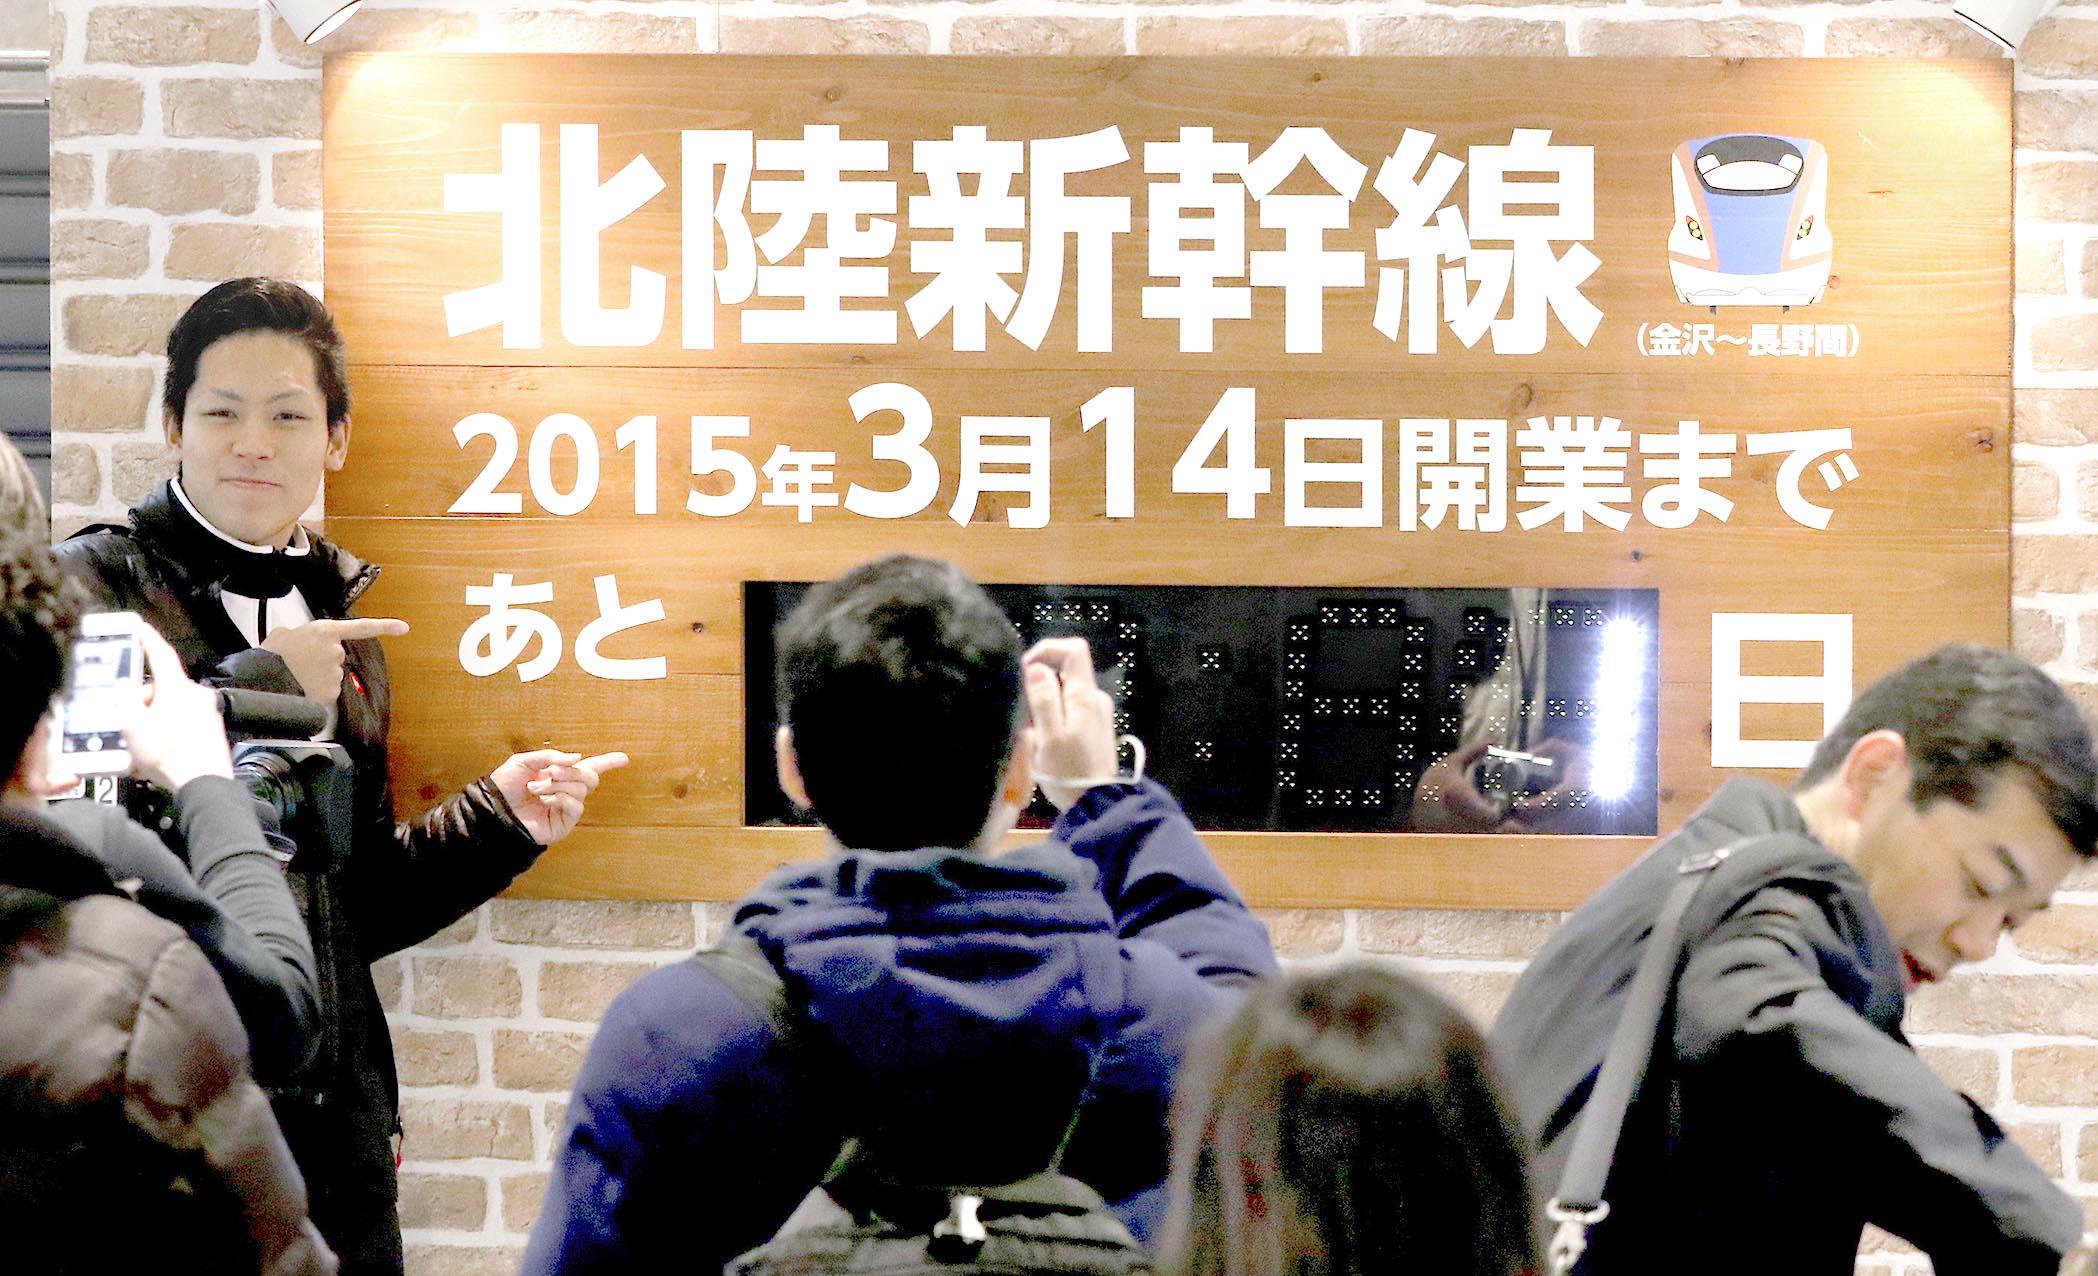 開業まで「あと1日」と表示されたカウントダウンボードと記念撮影する駅利用者=13日午前9時半、JR金沢駅